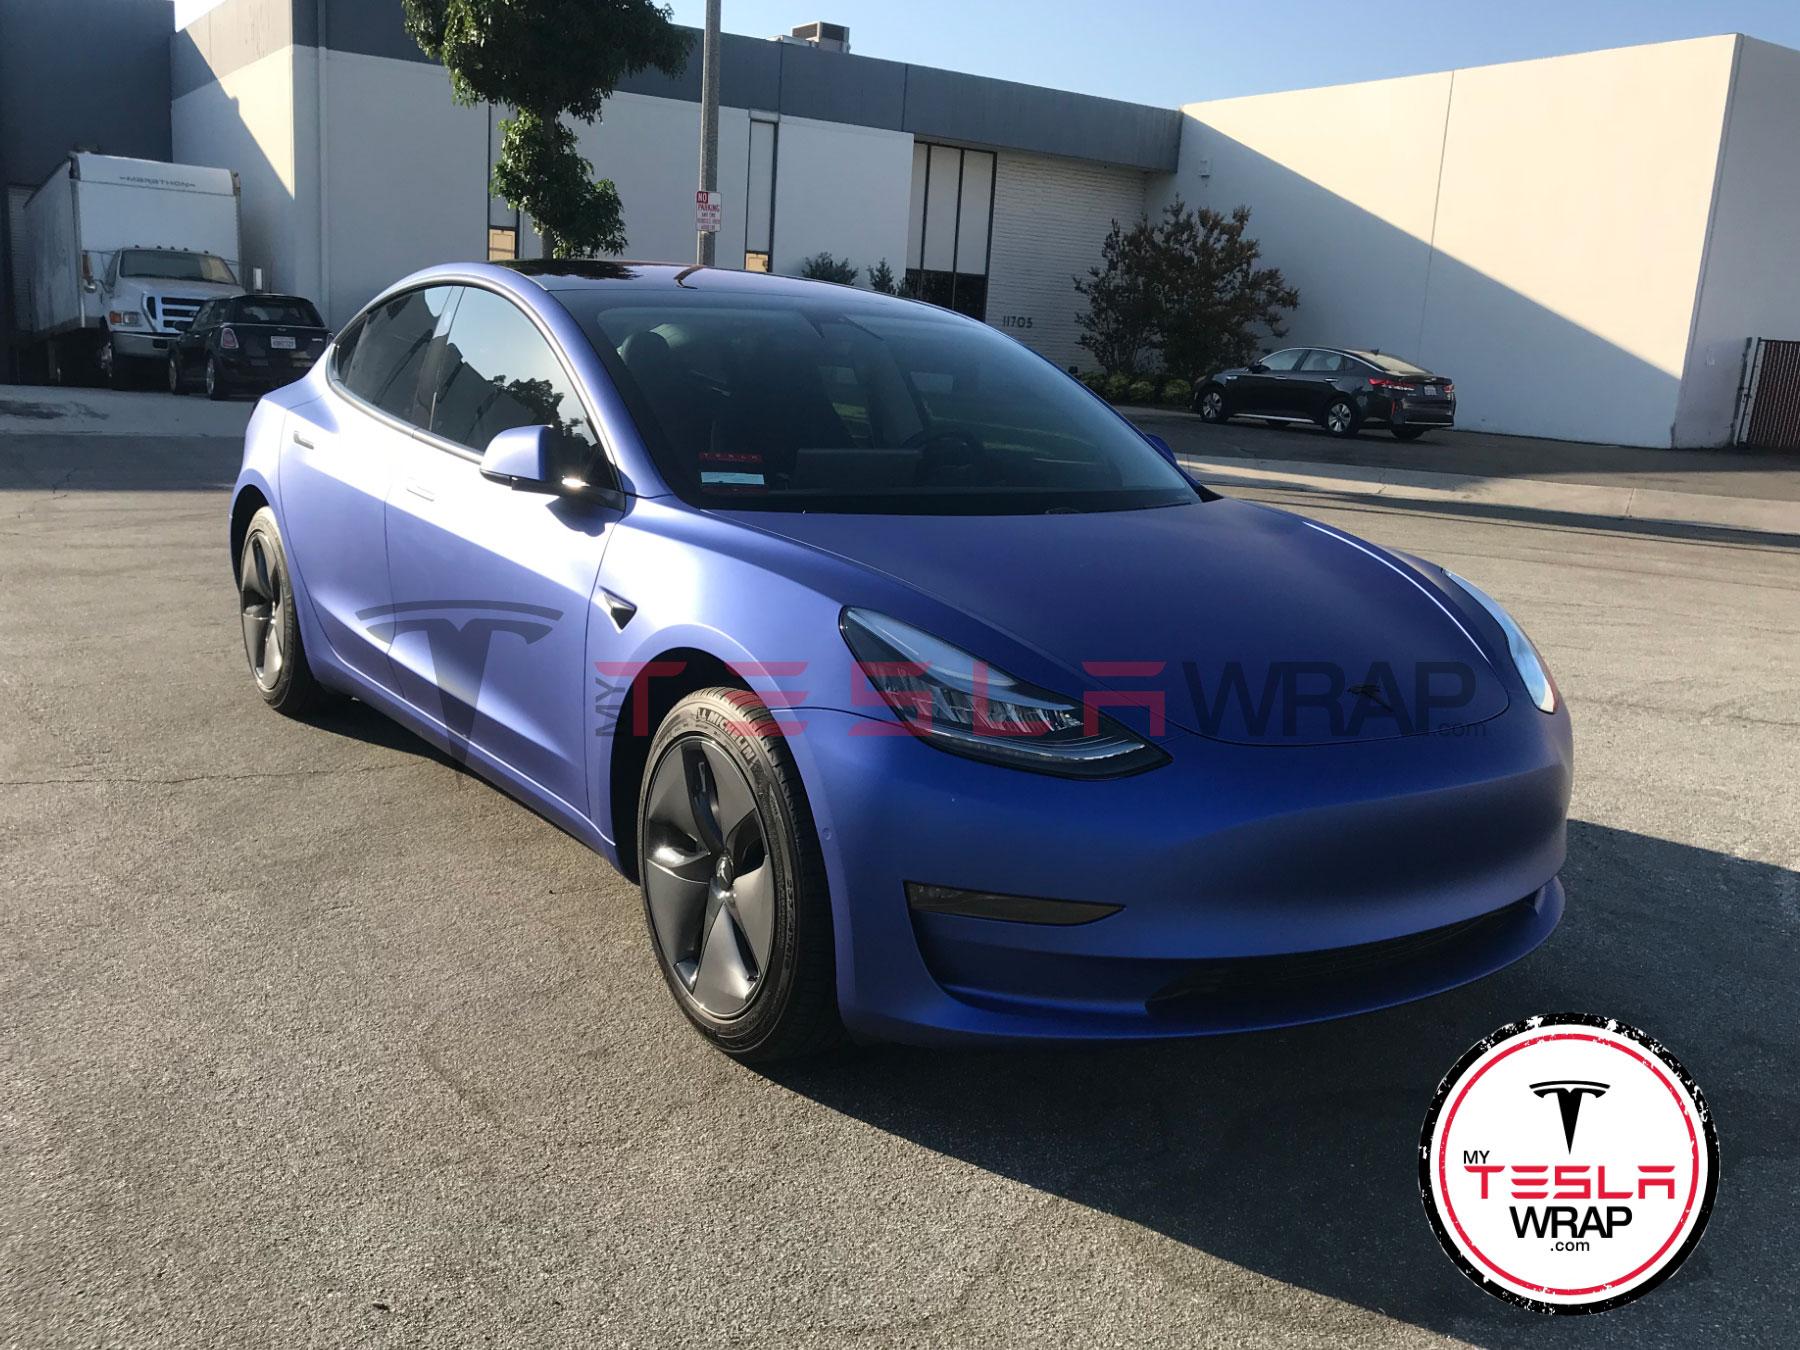 Tesla Model 3 Wrapped in Purple 3M vinyl car wrap